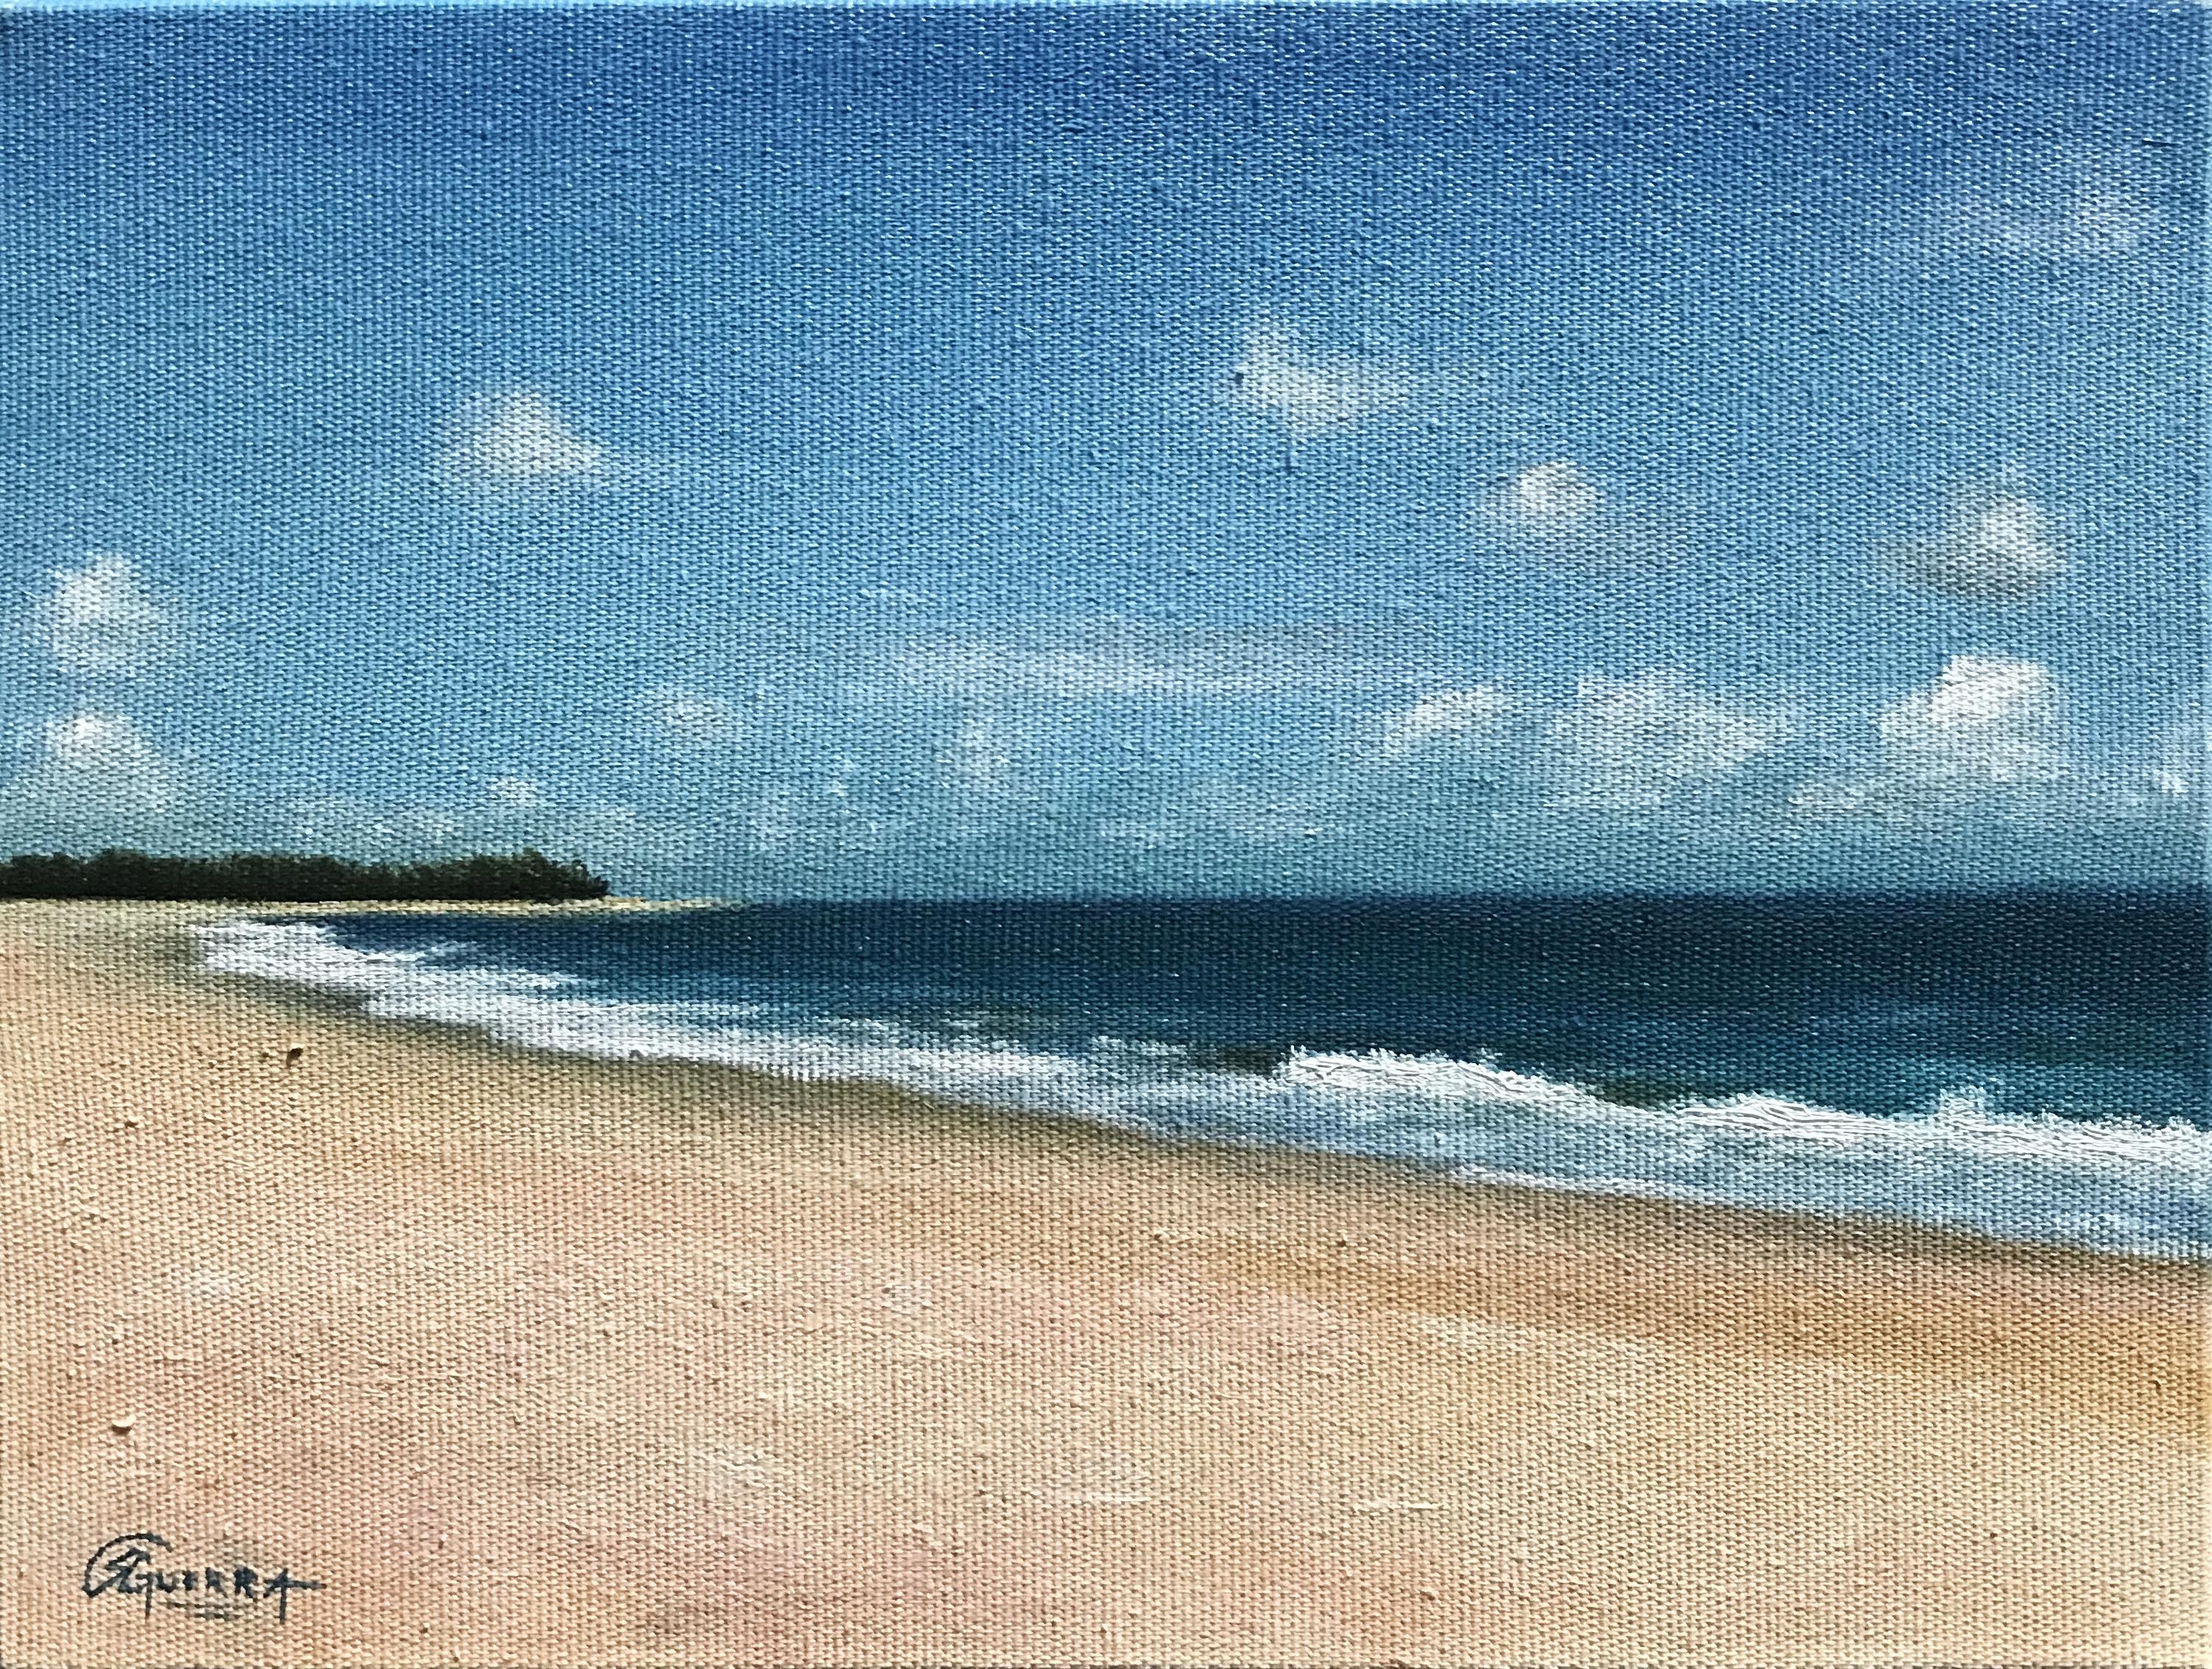 Landscape Painting, Rafael Guerra Pintura